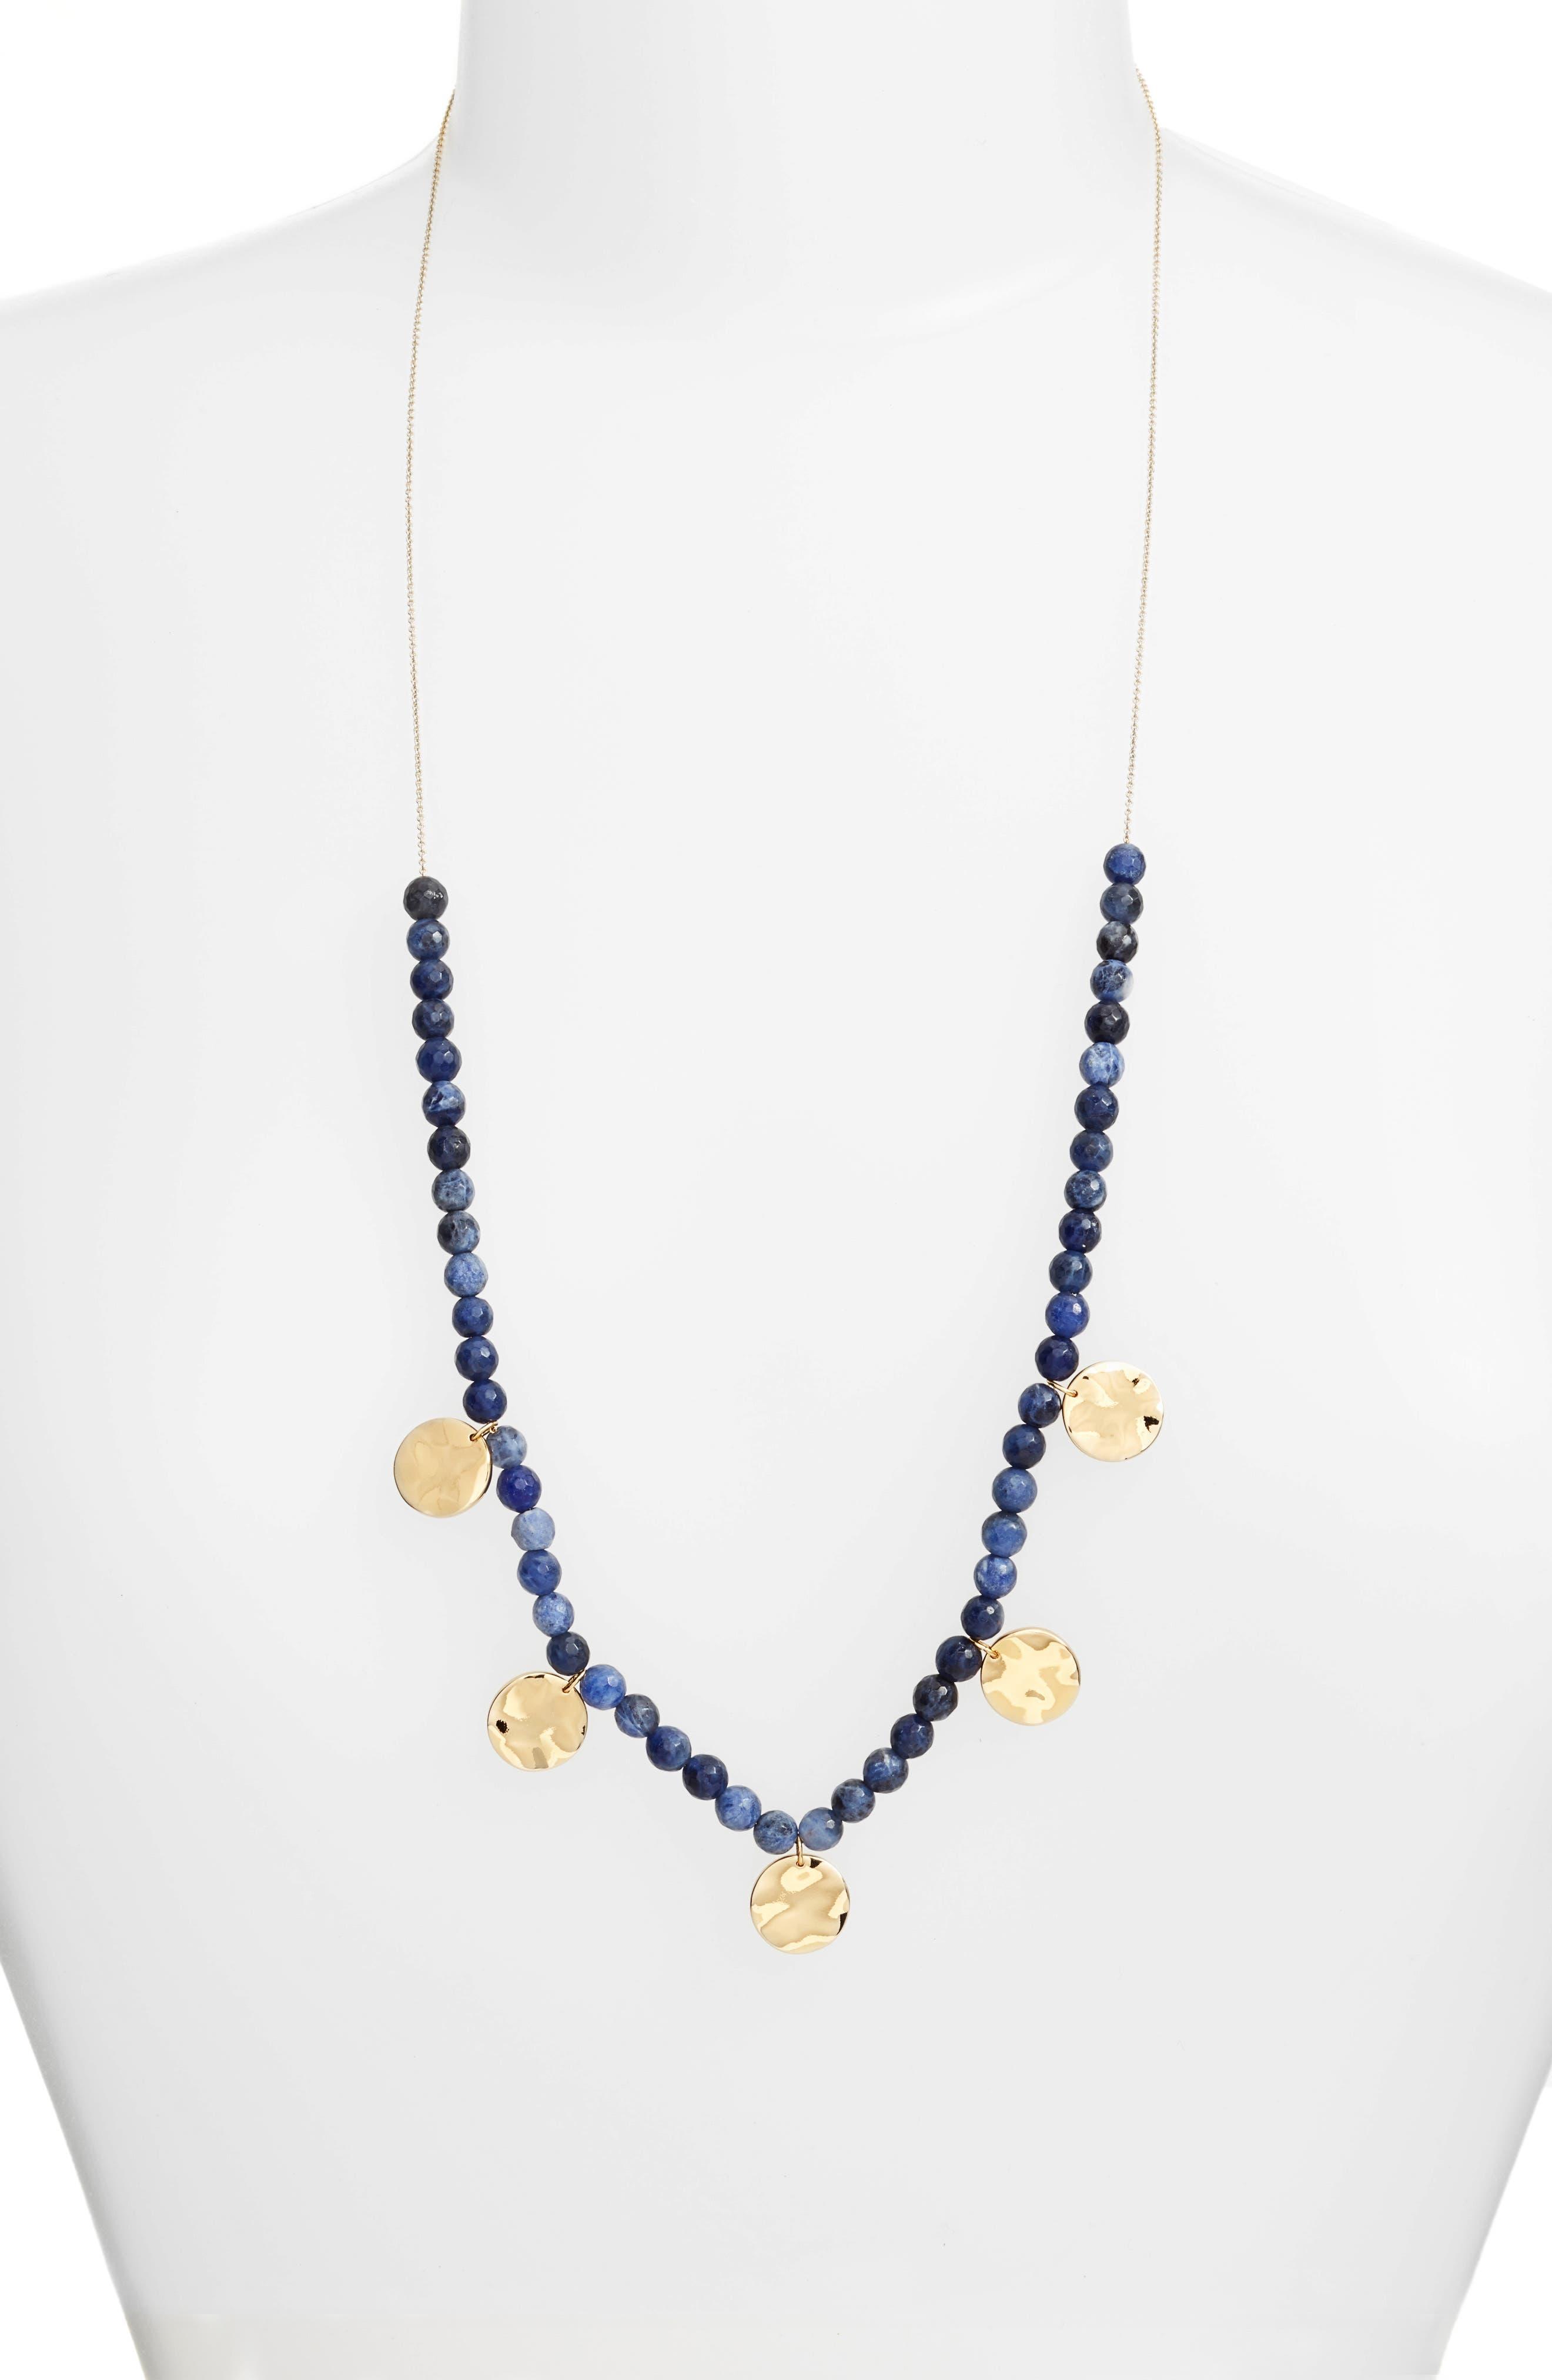 Main Image - gorjana Adjustable Necklace